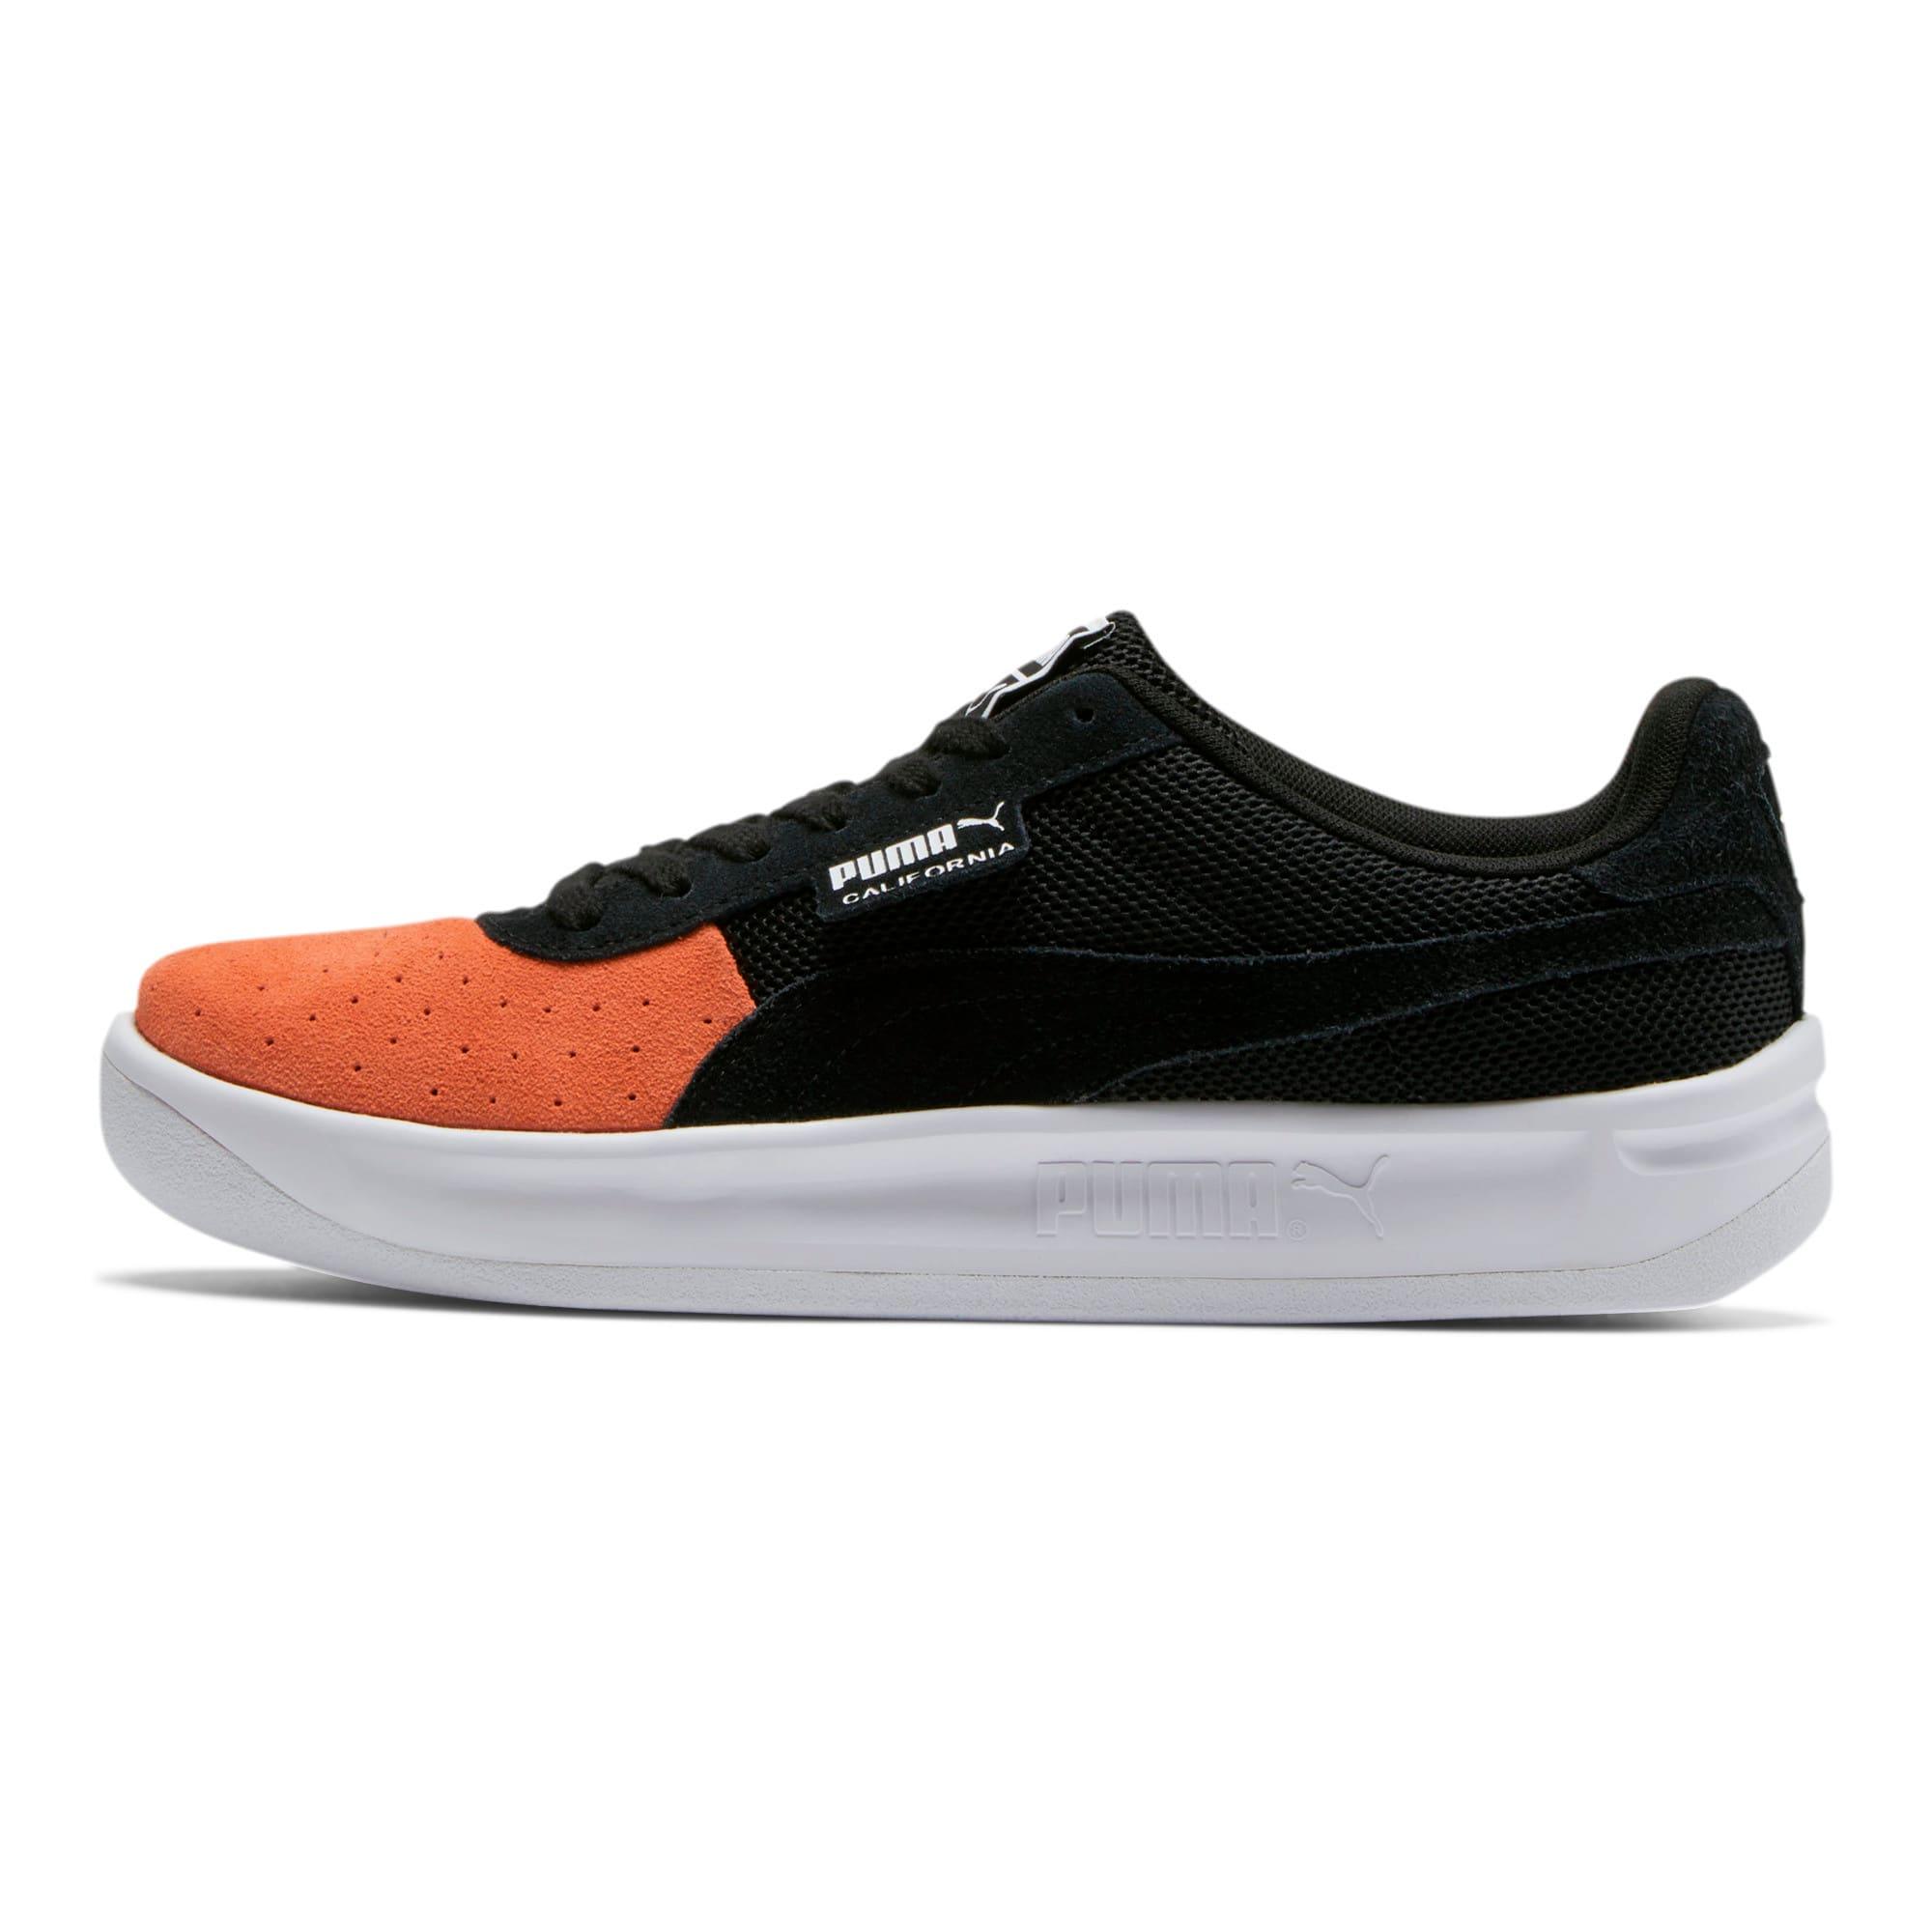 Miniatura 1 de Zapatos deportivos California Summer, Nasturtium-Puma Blk-Puma Wht, mediano